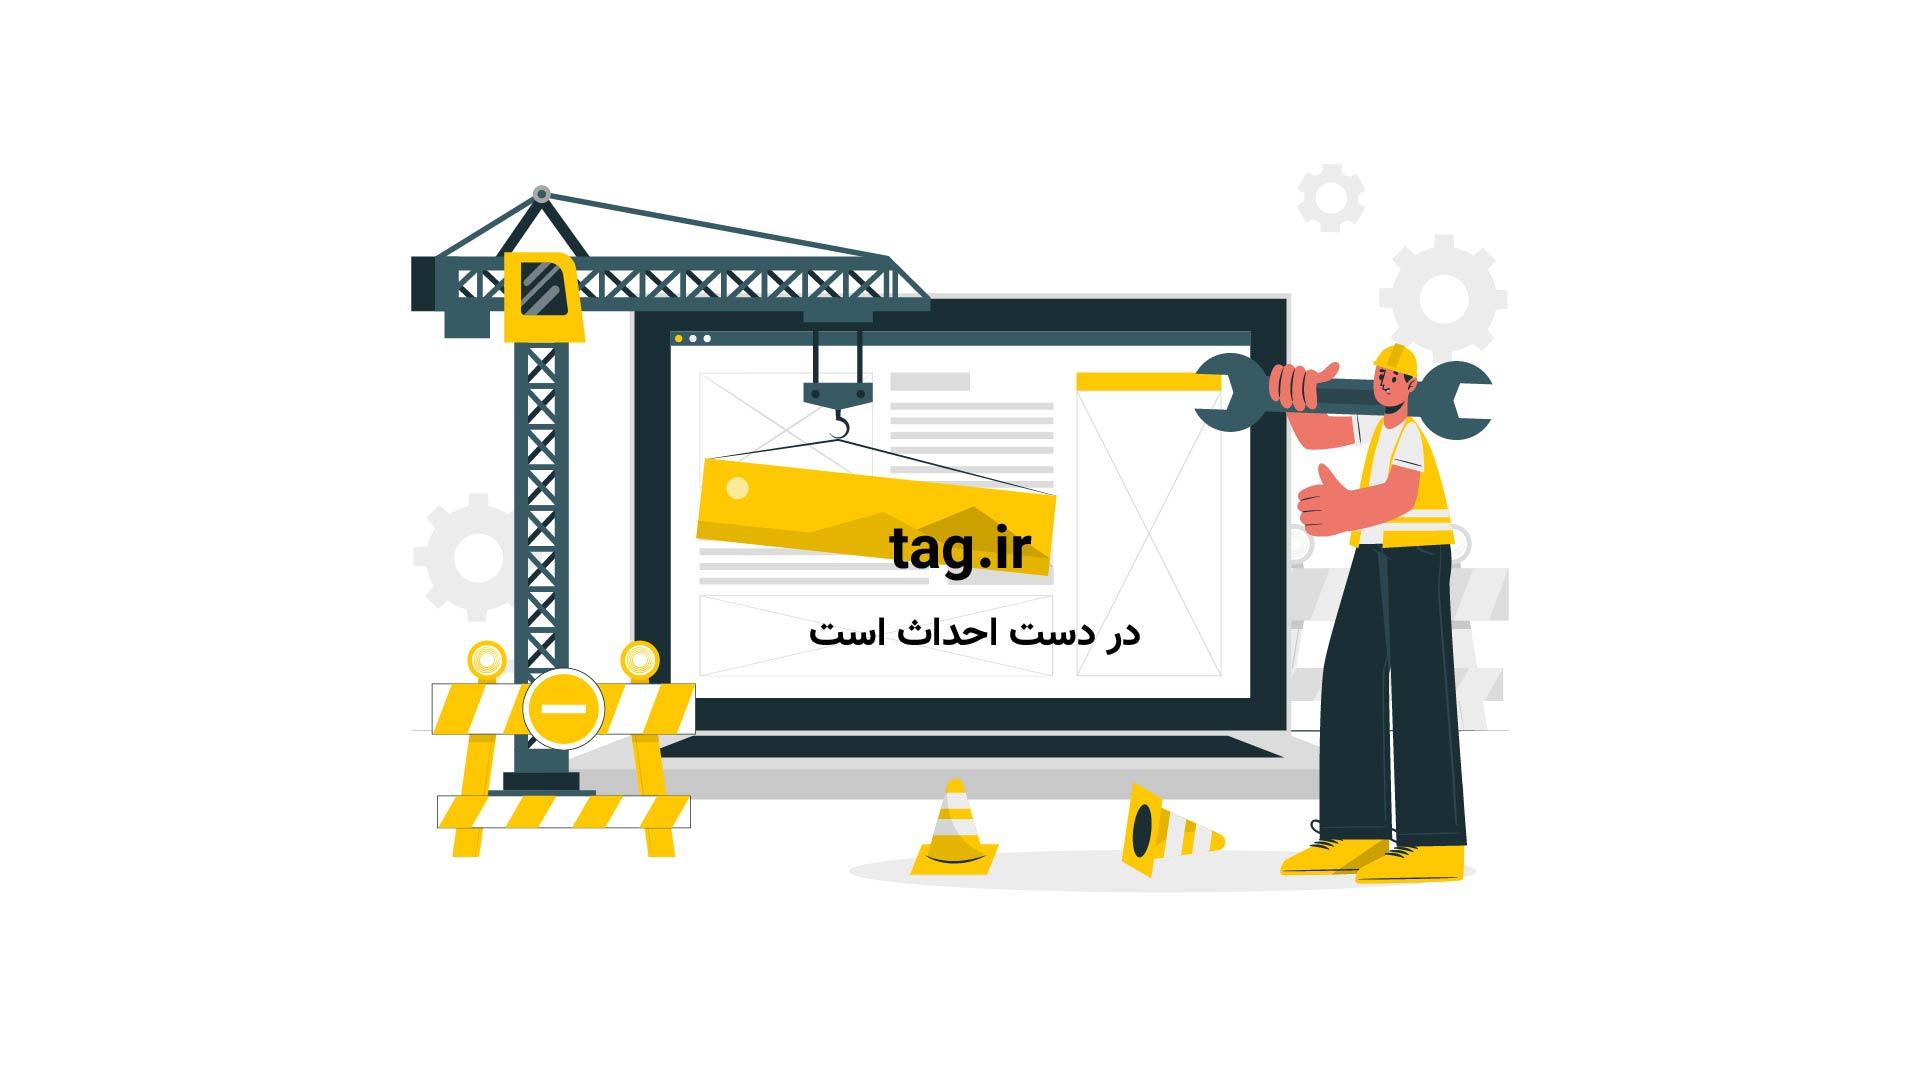 ادا بازی جمال رحمتی برای کباب تابهای | فیلم